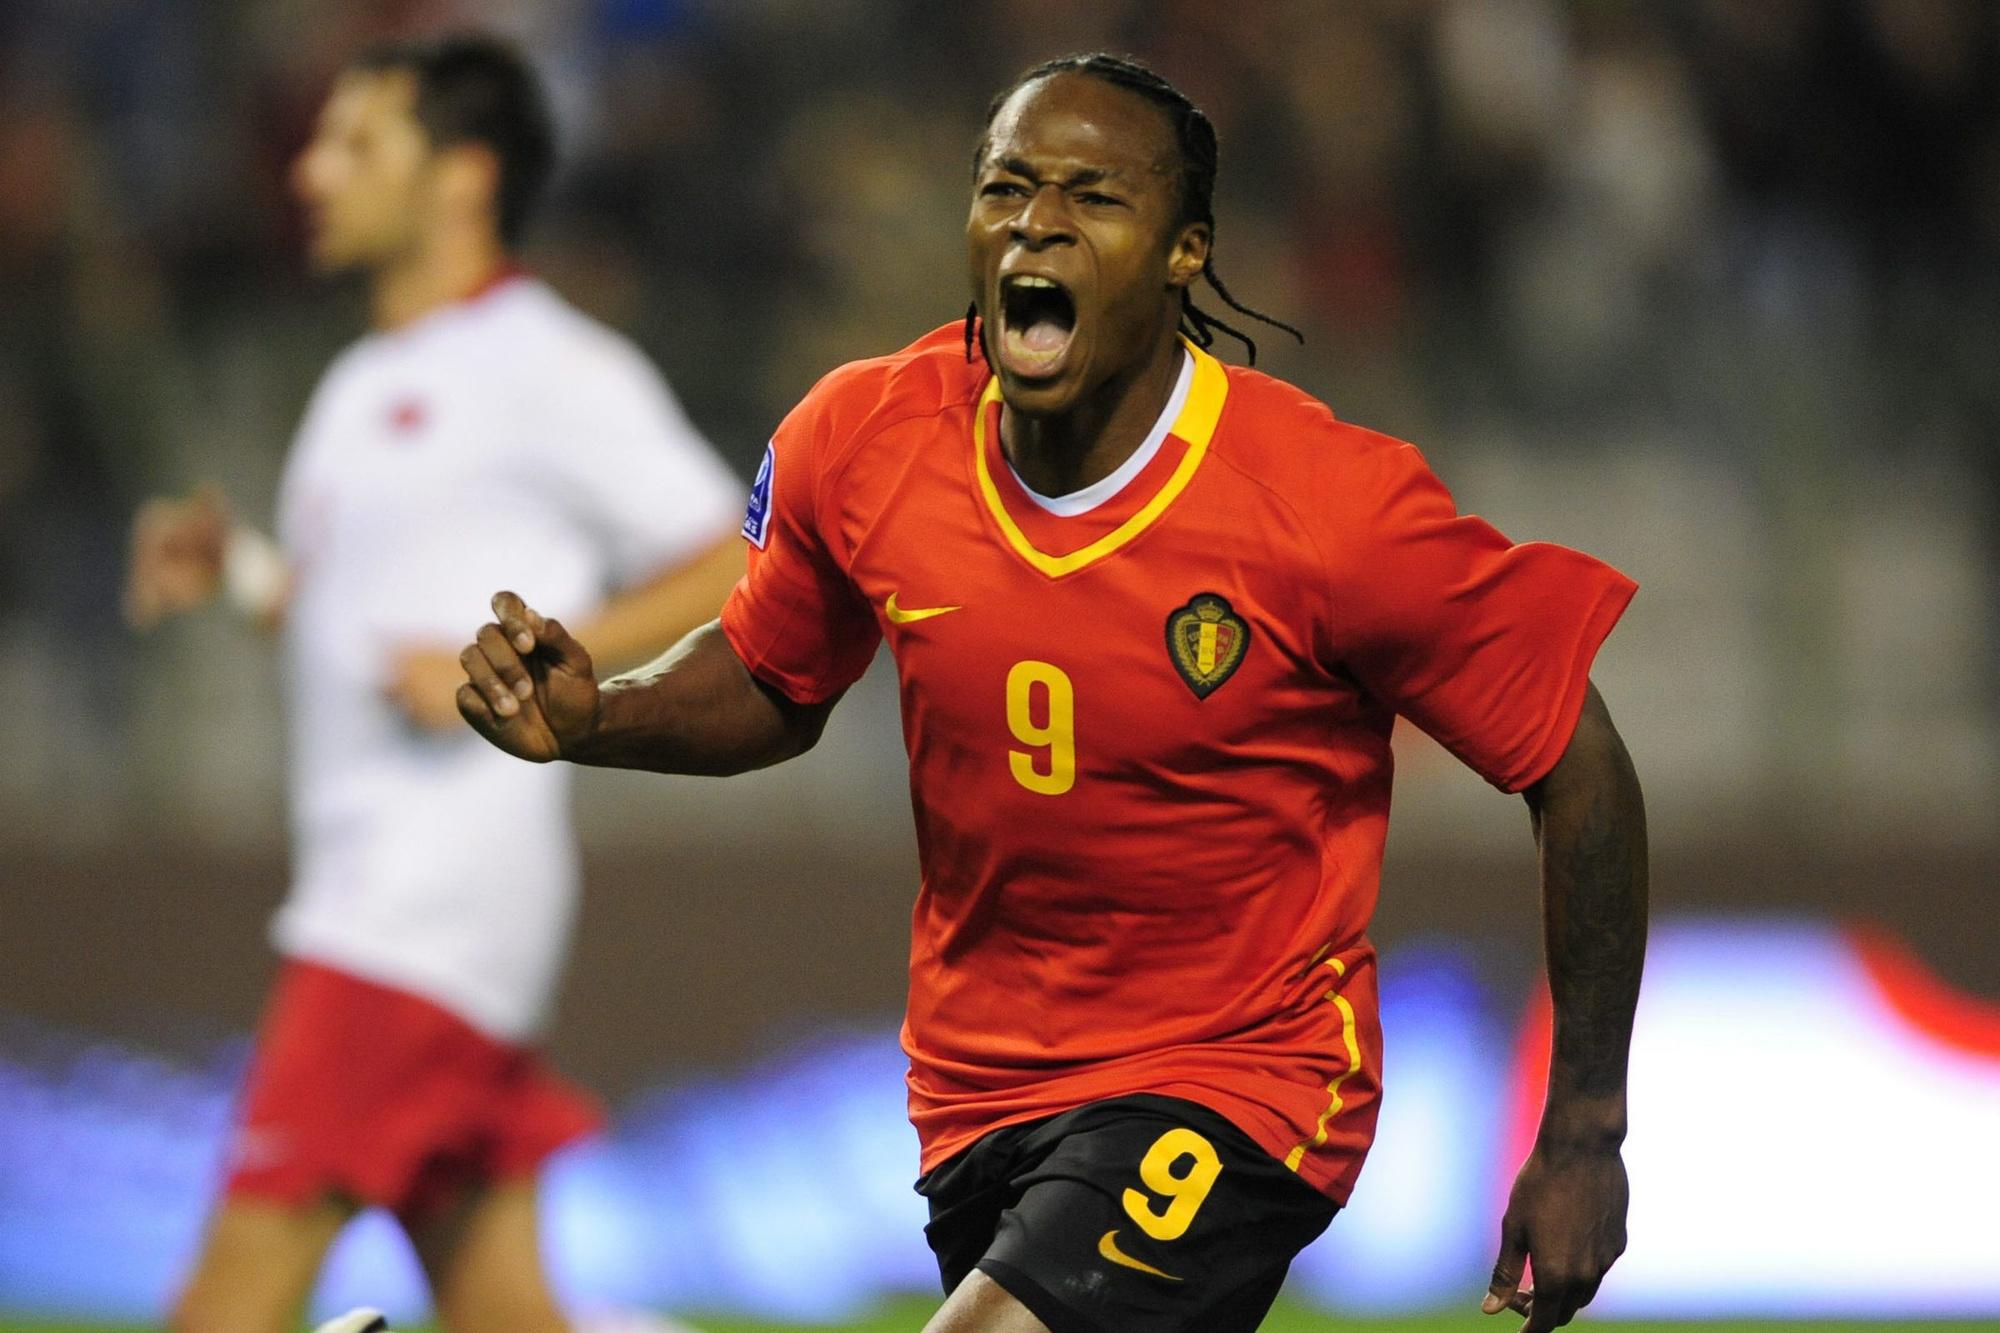 'Misschien heeft Emile Mpenza niet de carrière gehad die bij zijn talent hoorde, maar wat hij in België heeft laten zien, was sterk.', Belga Image